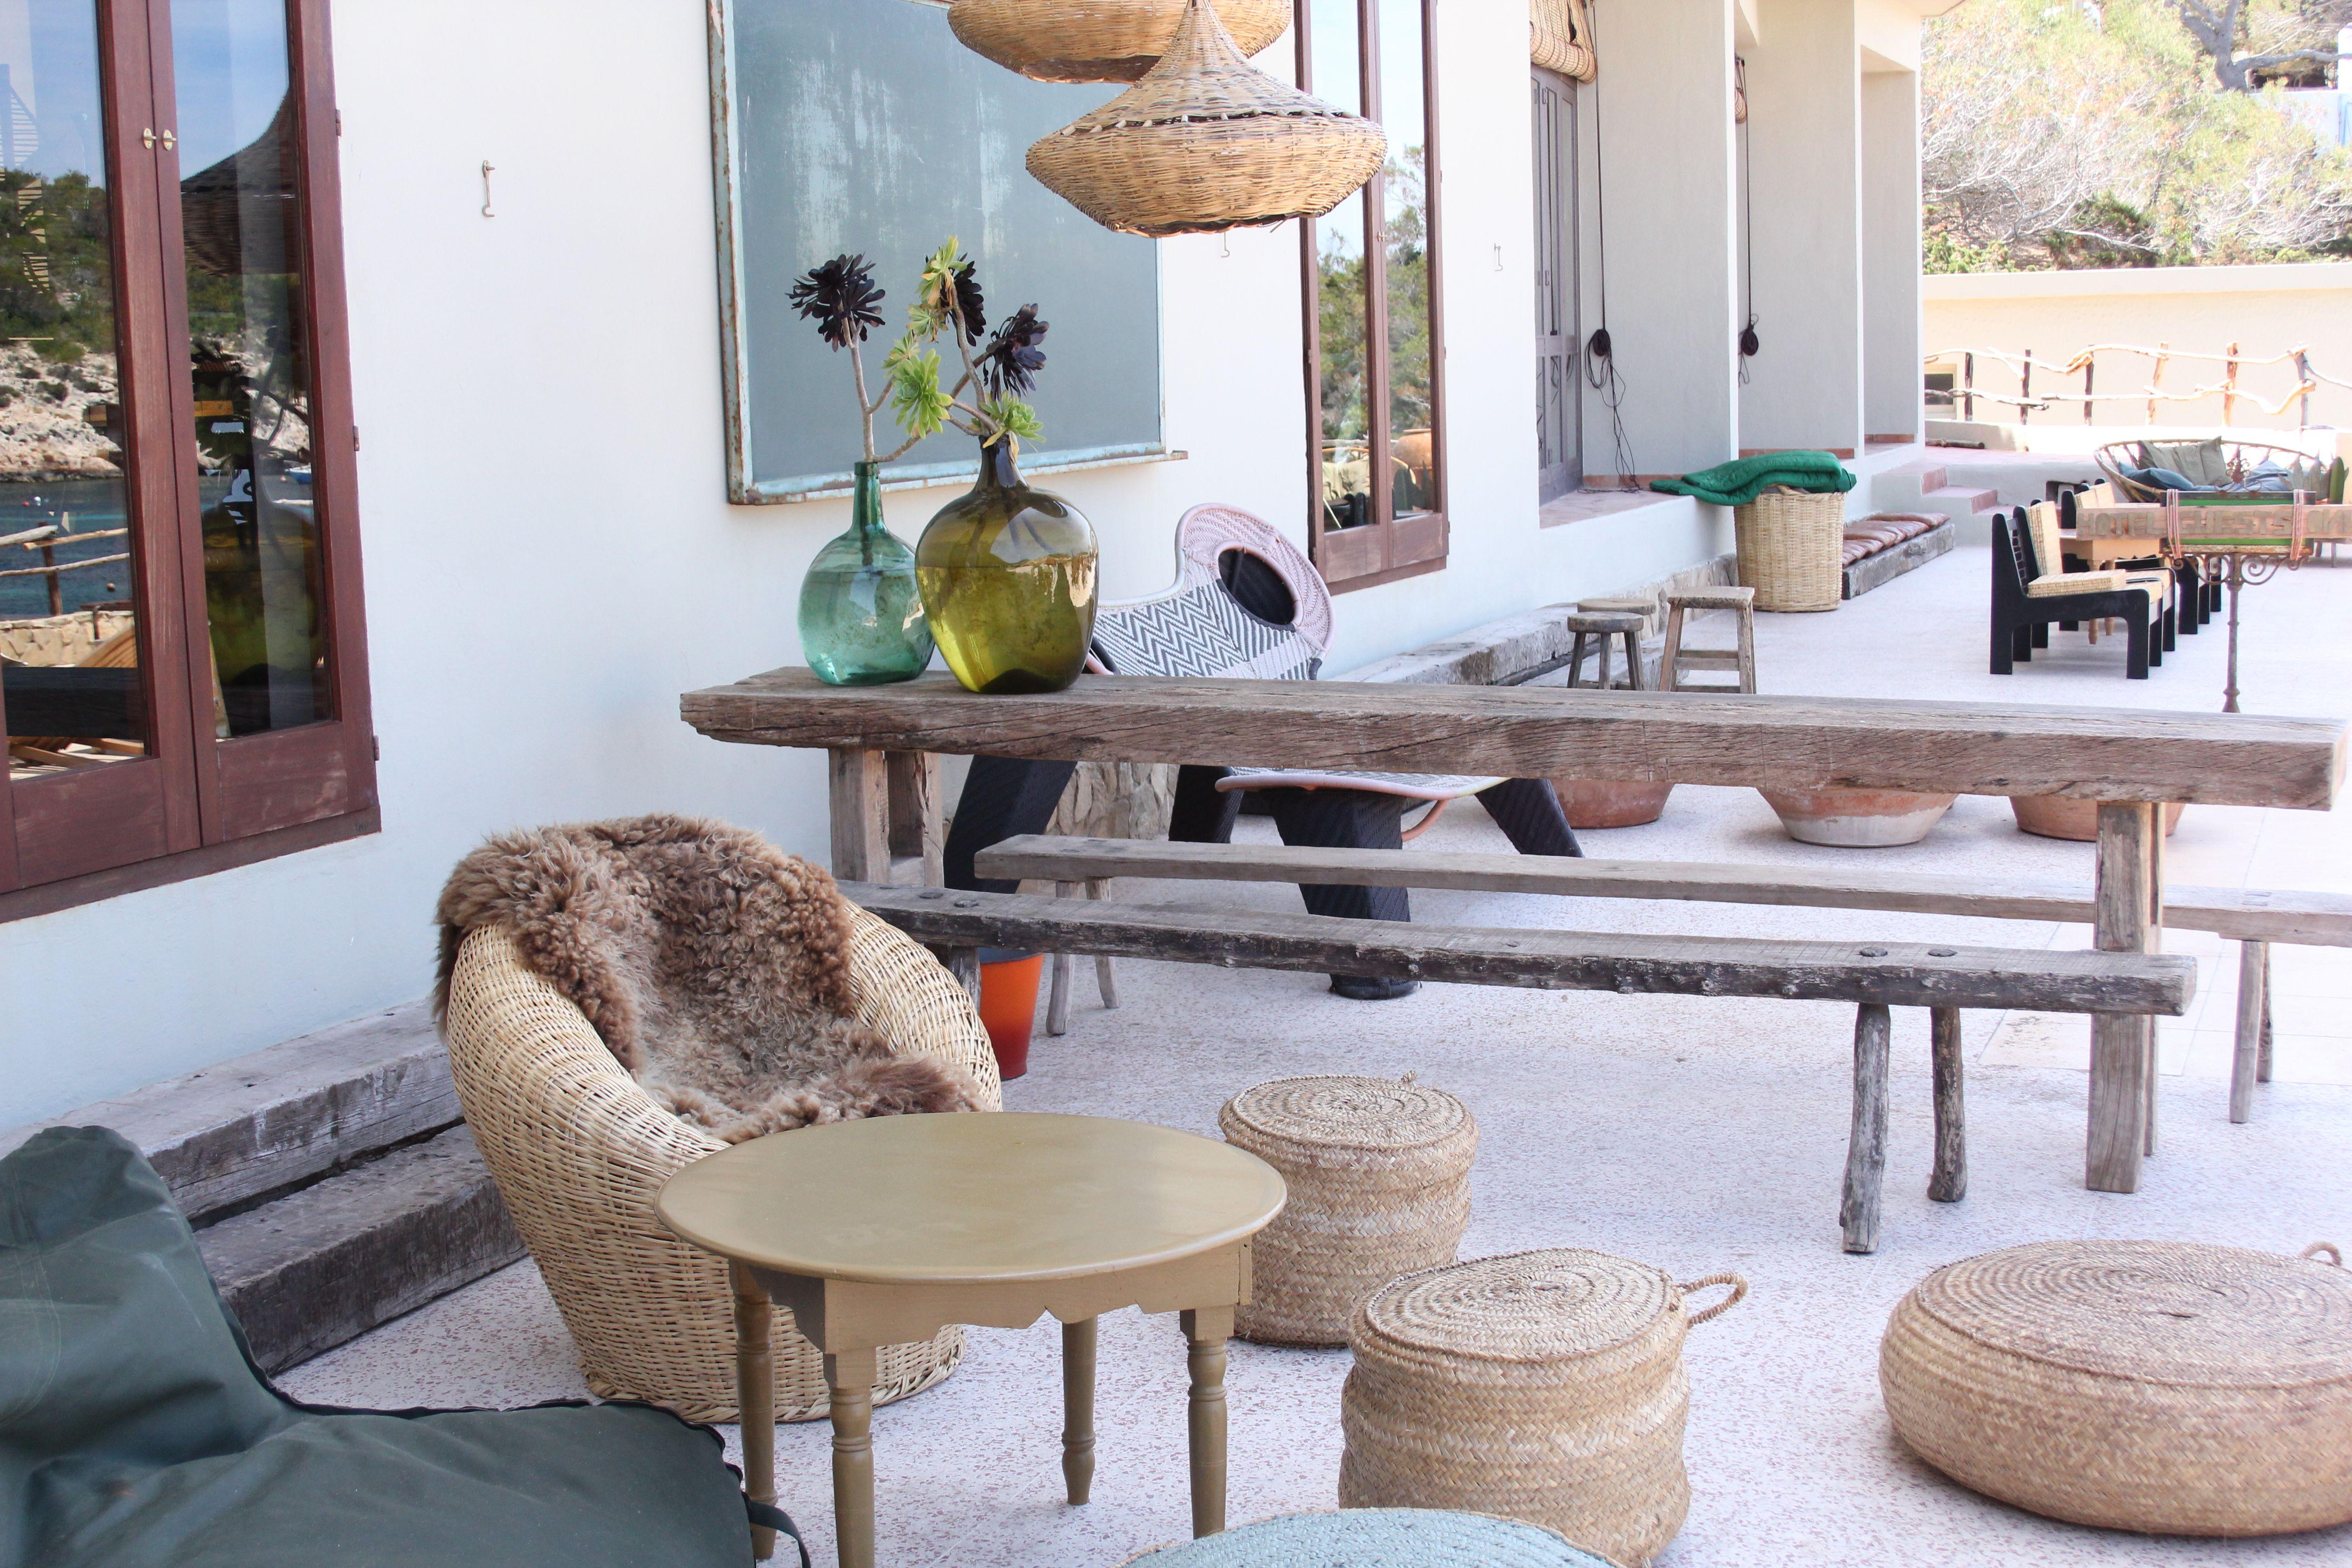 Los Enamorados Hotel - Ibiza / terrace / vintage / summer ...